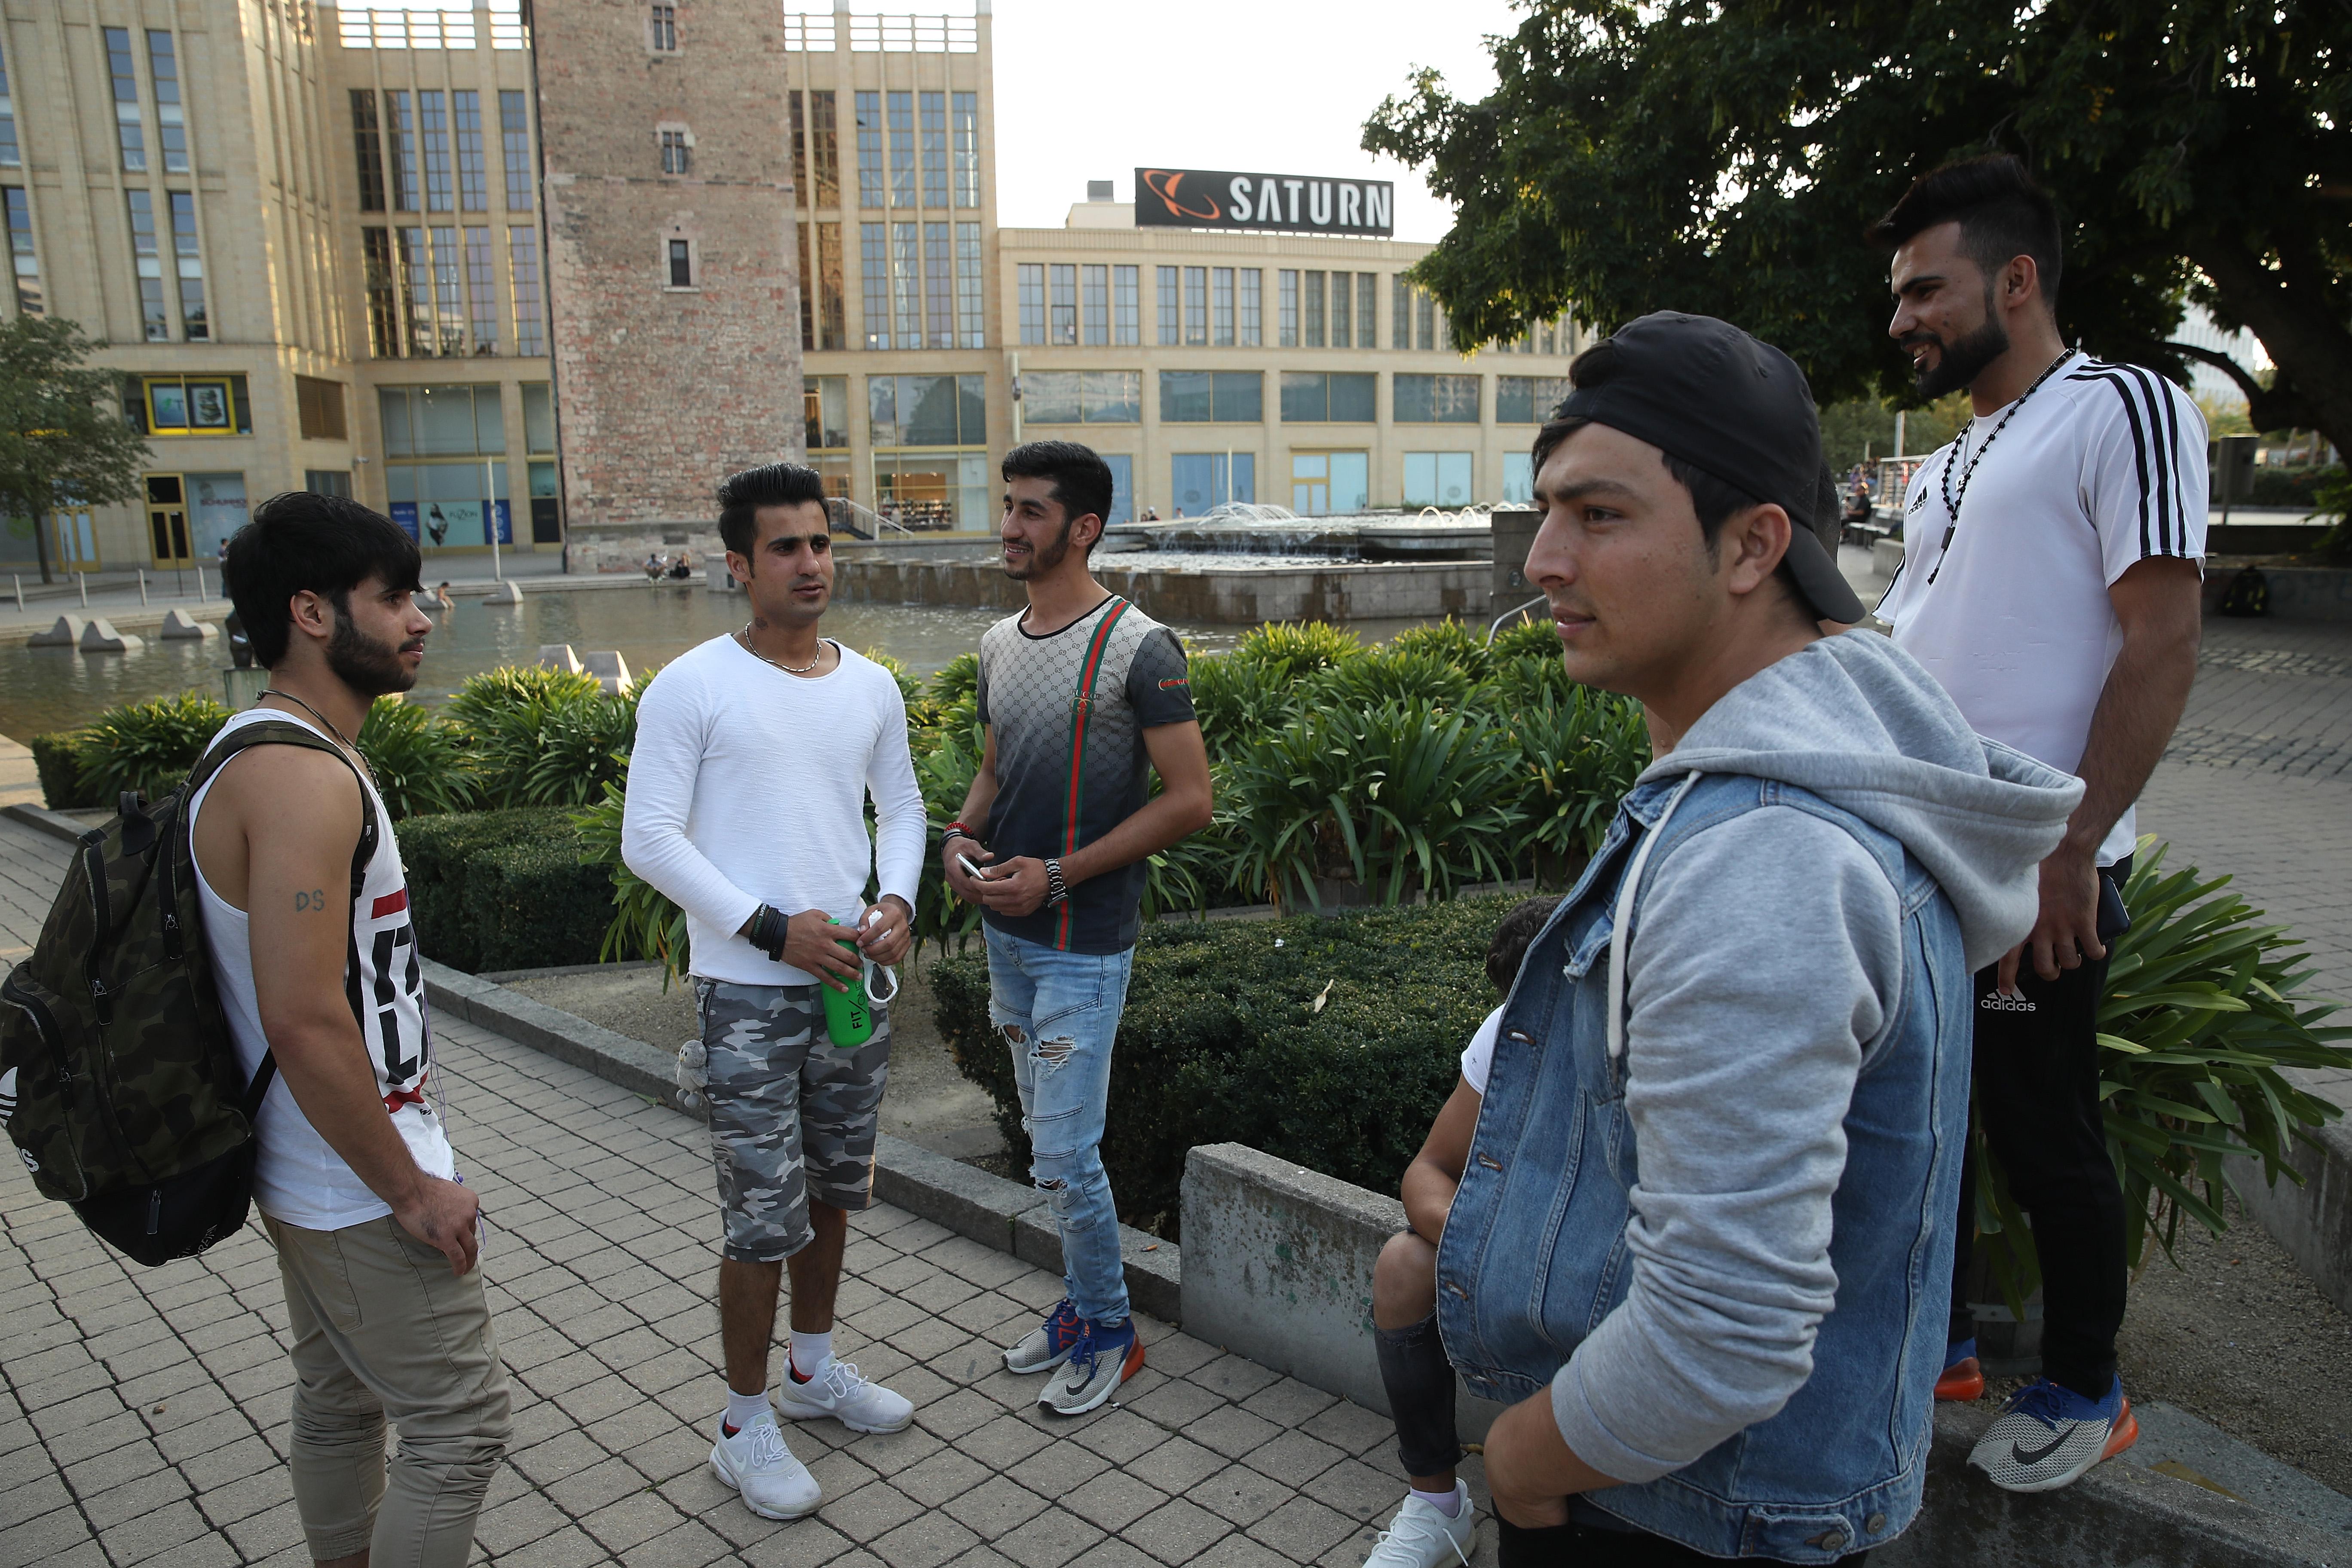 Bamf steckt 40 Millionen Euro in Digitalunterricht für Migranten